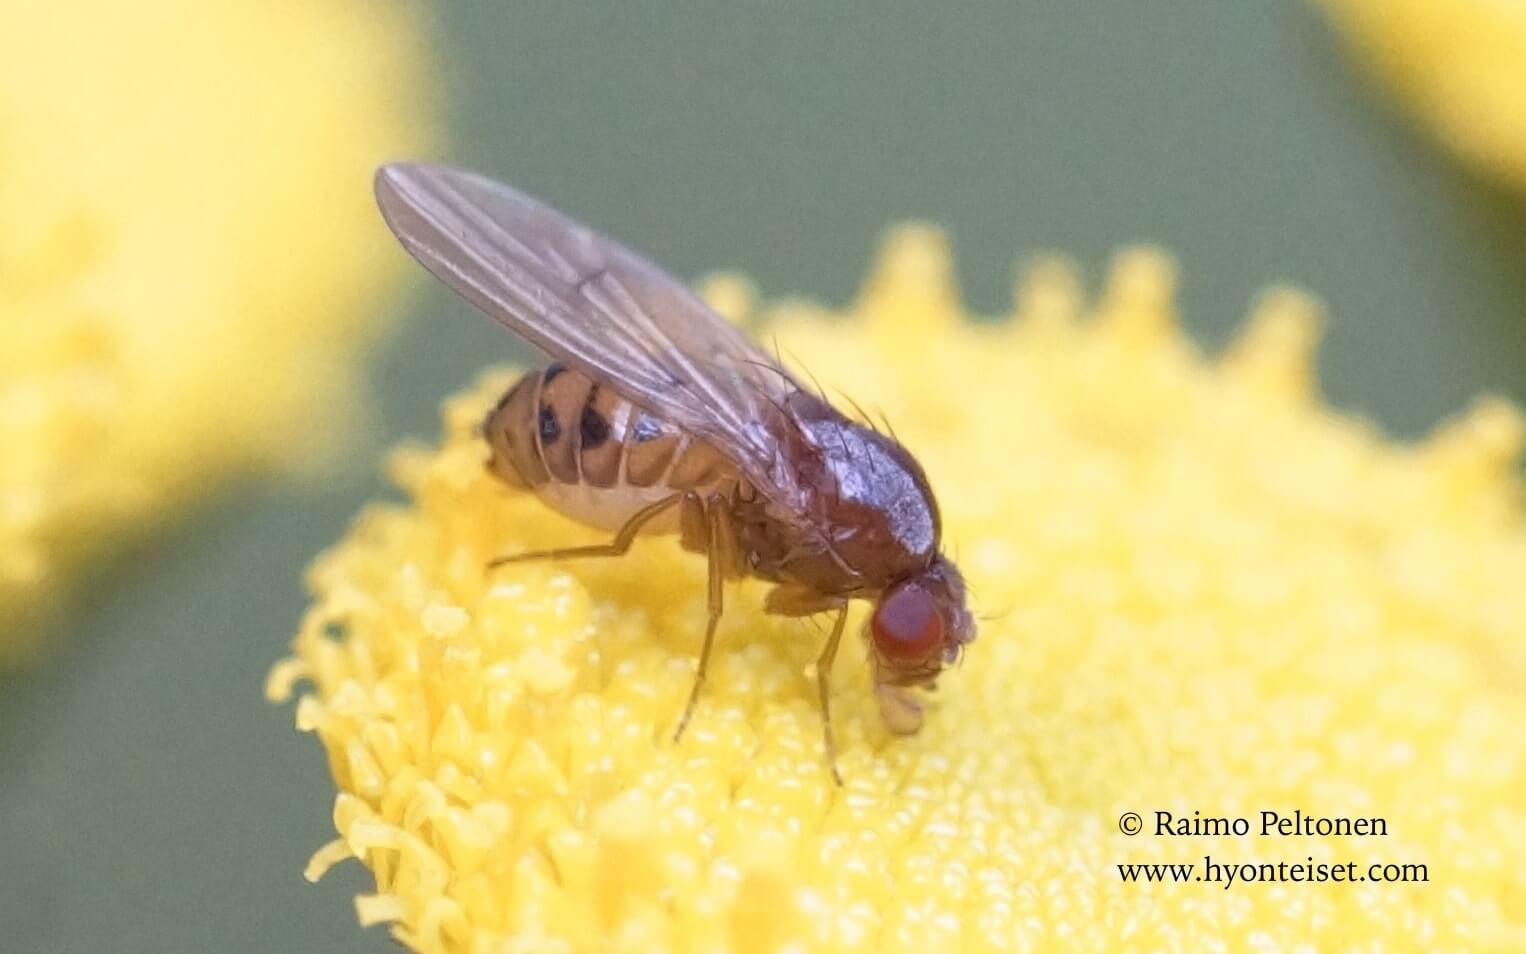 Drosophila phalerata (det. Paul Beuk), 6.8.2017 Jyväskylä